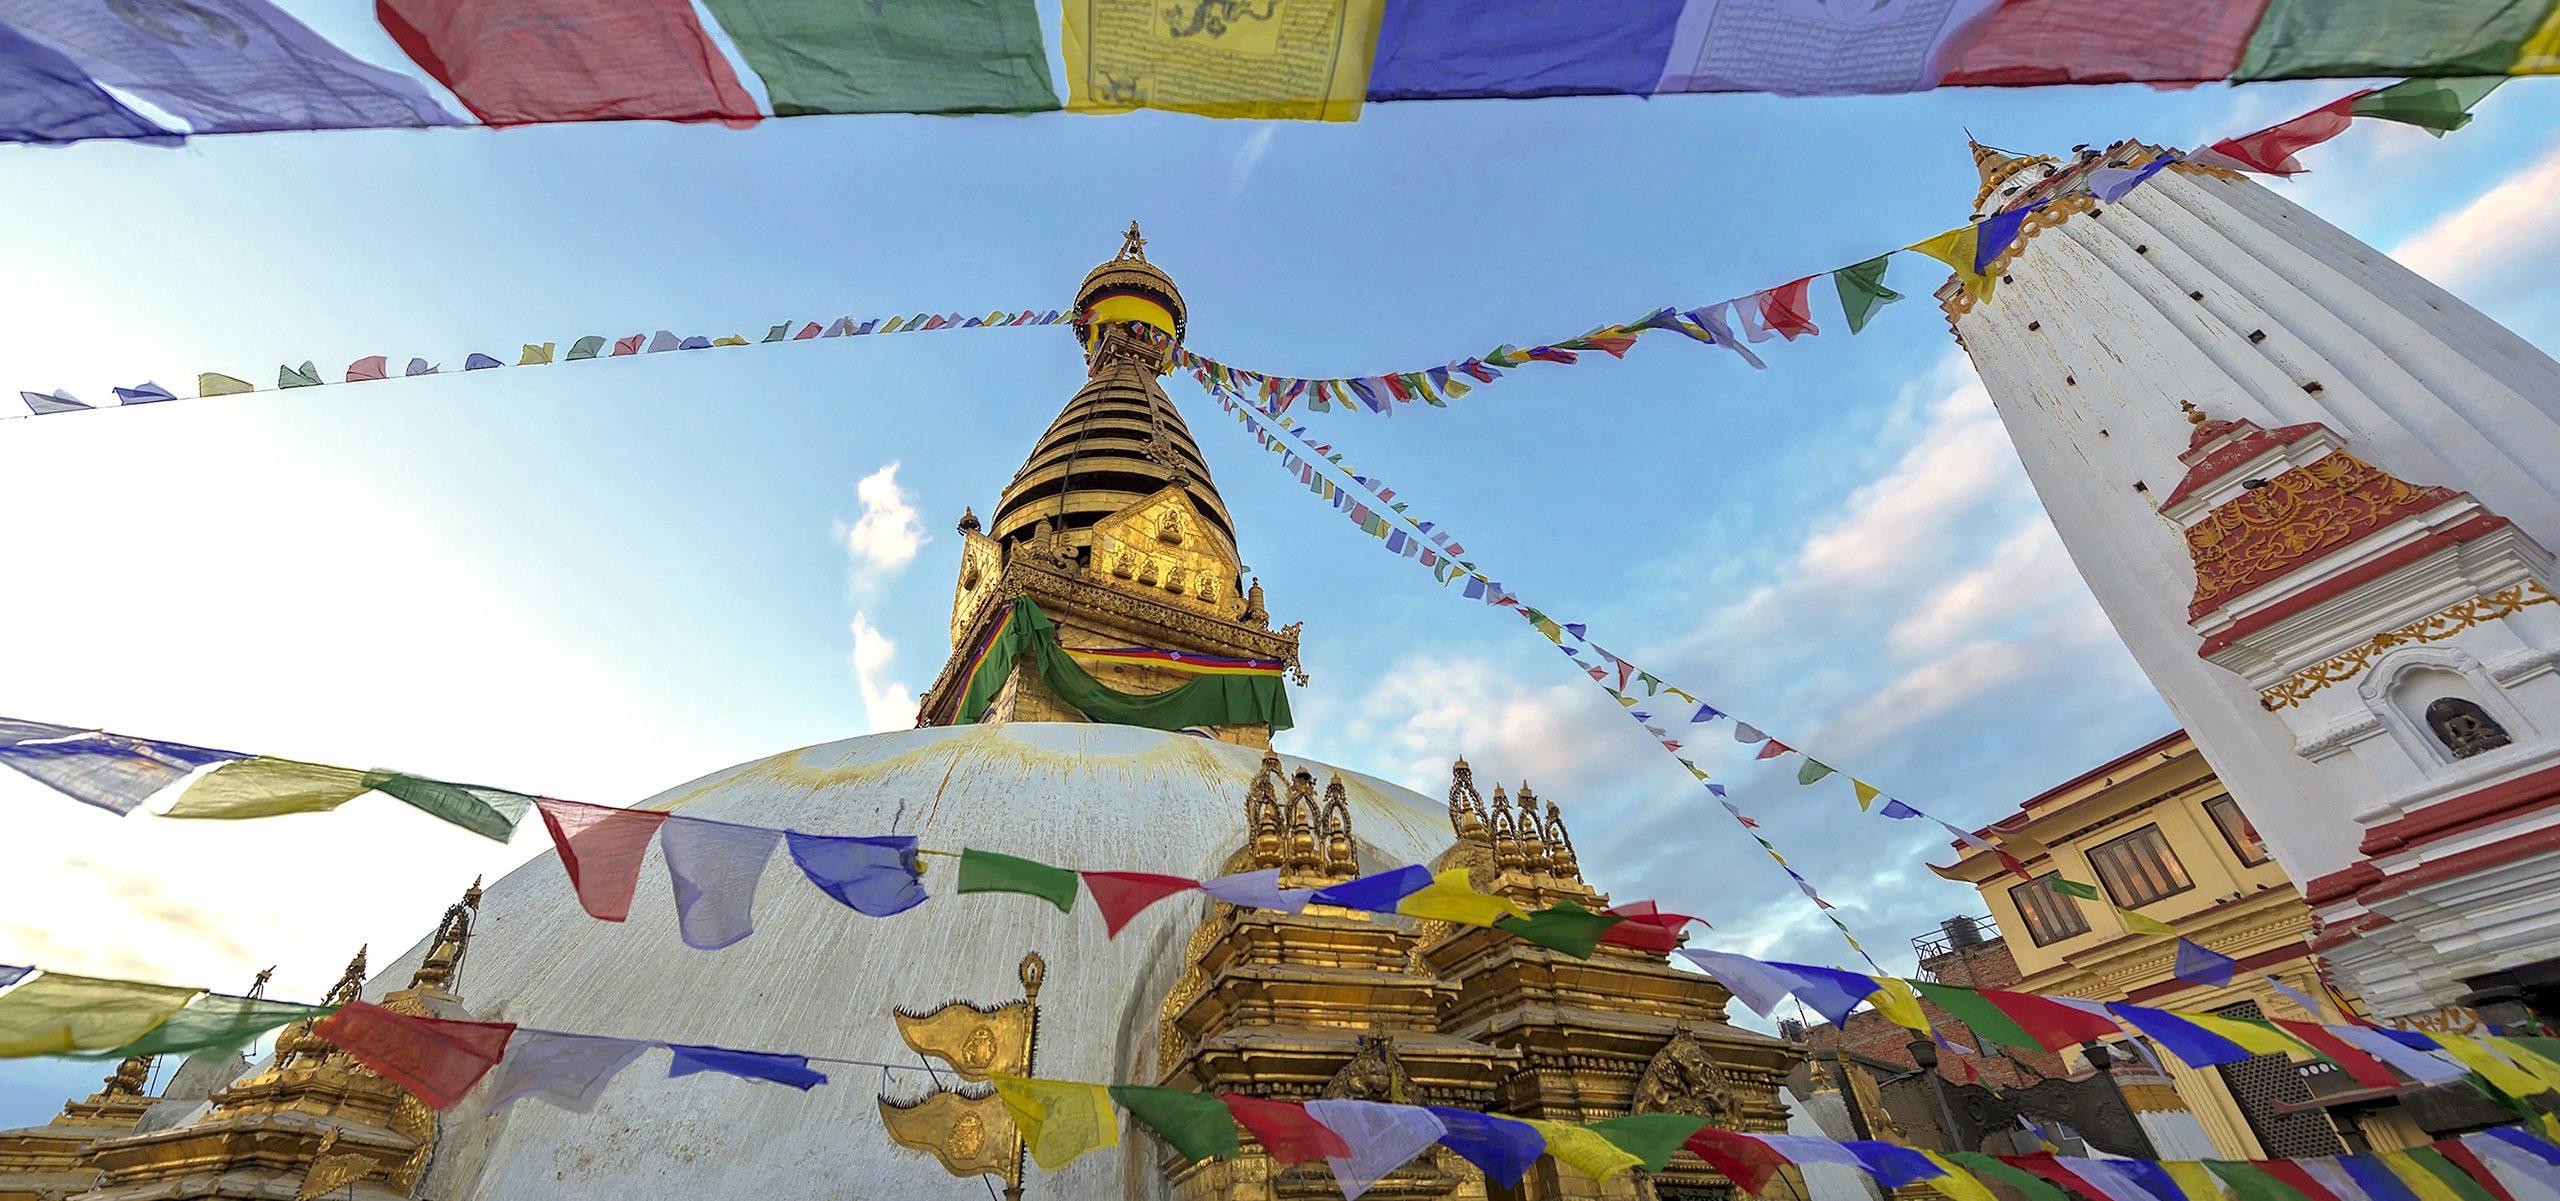 Nepal-Kathmandu-Stupa